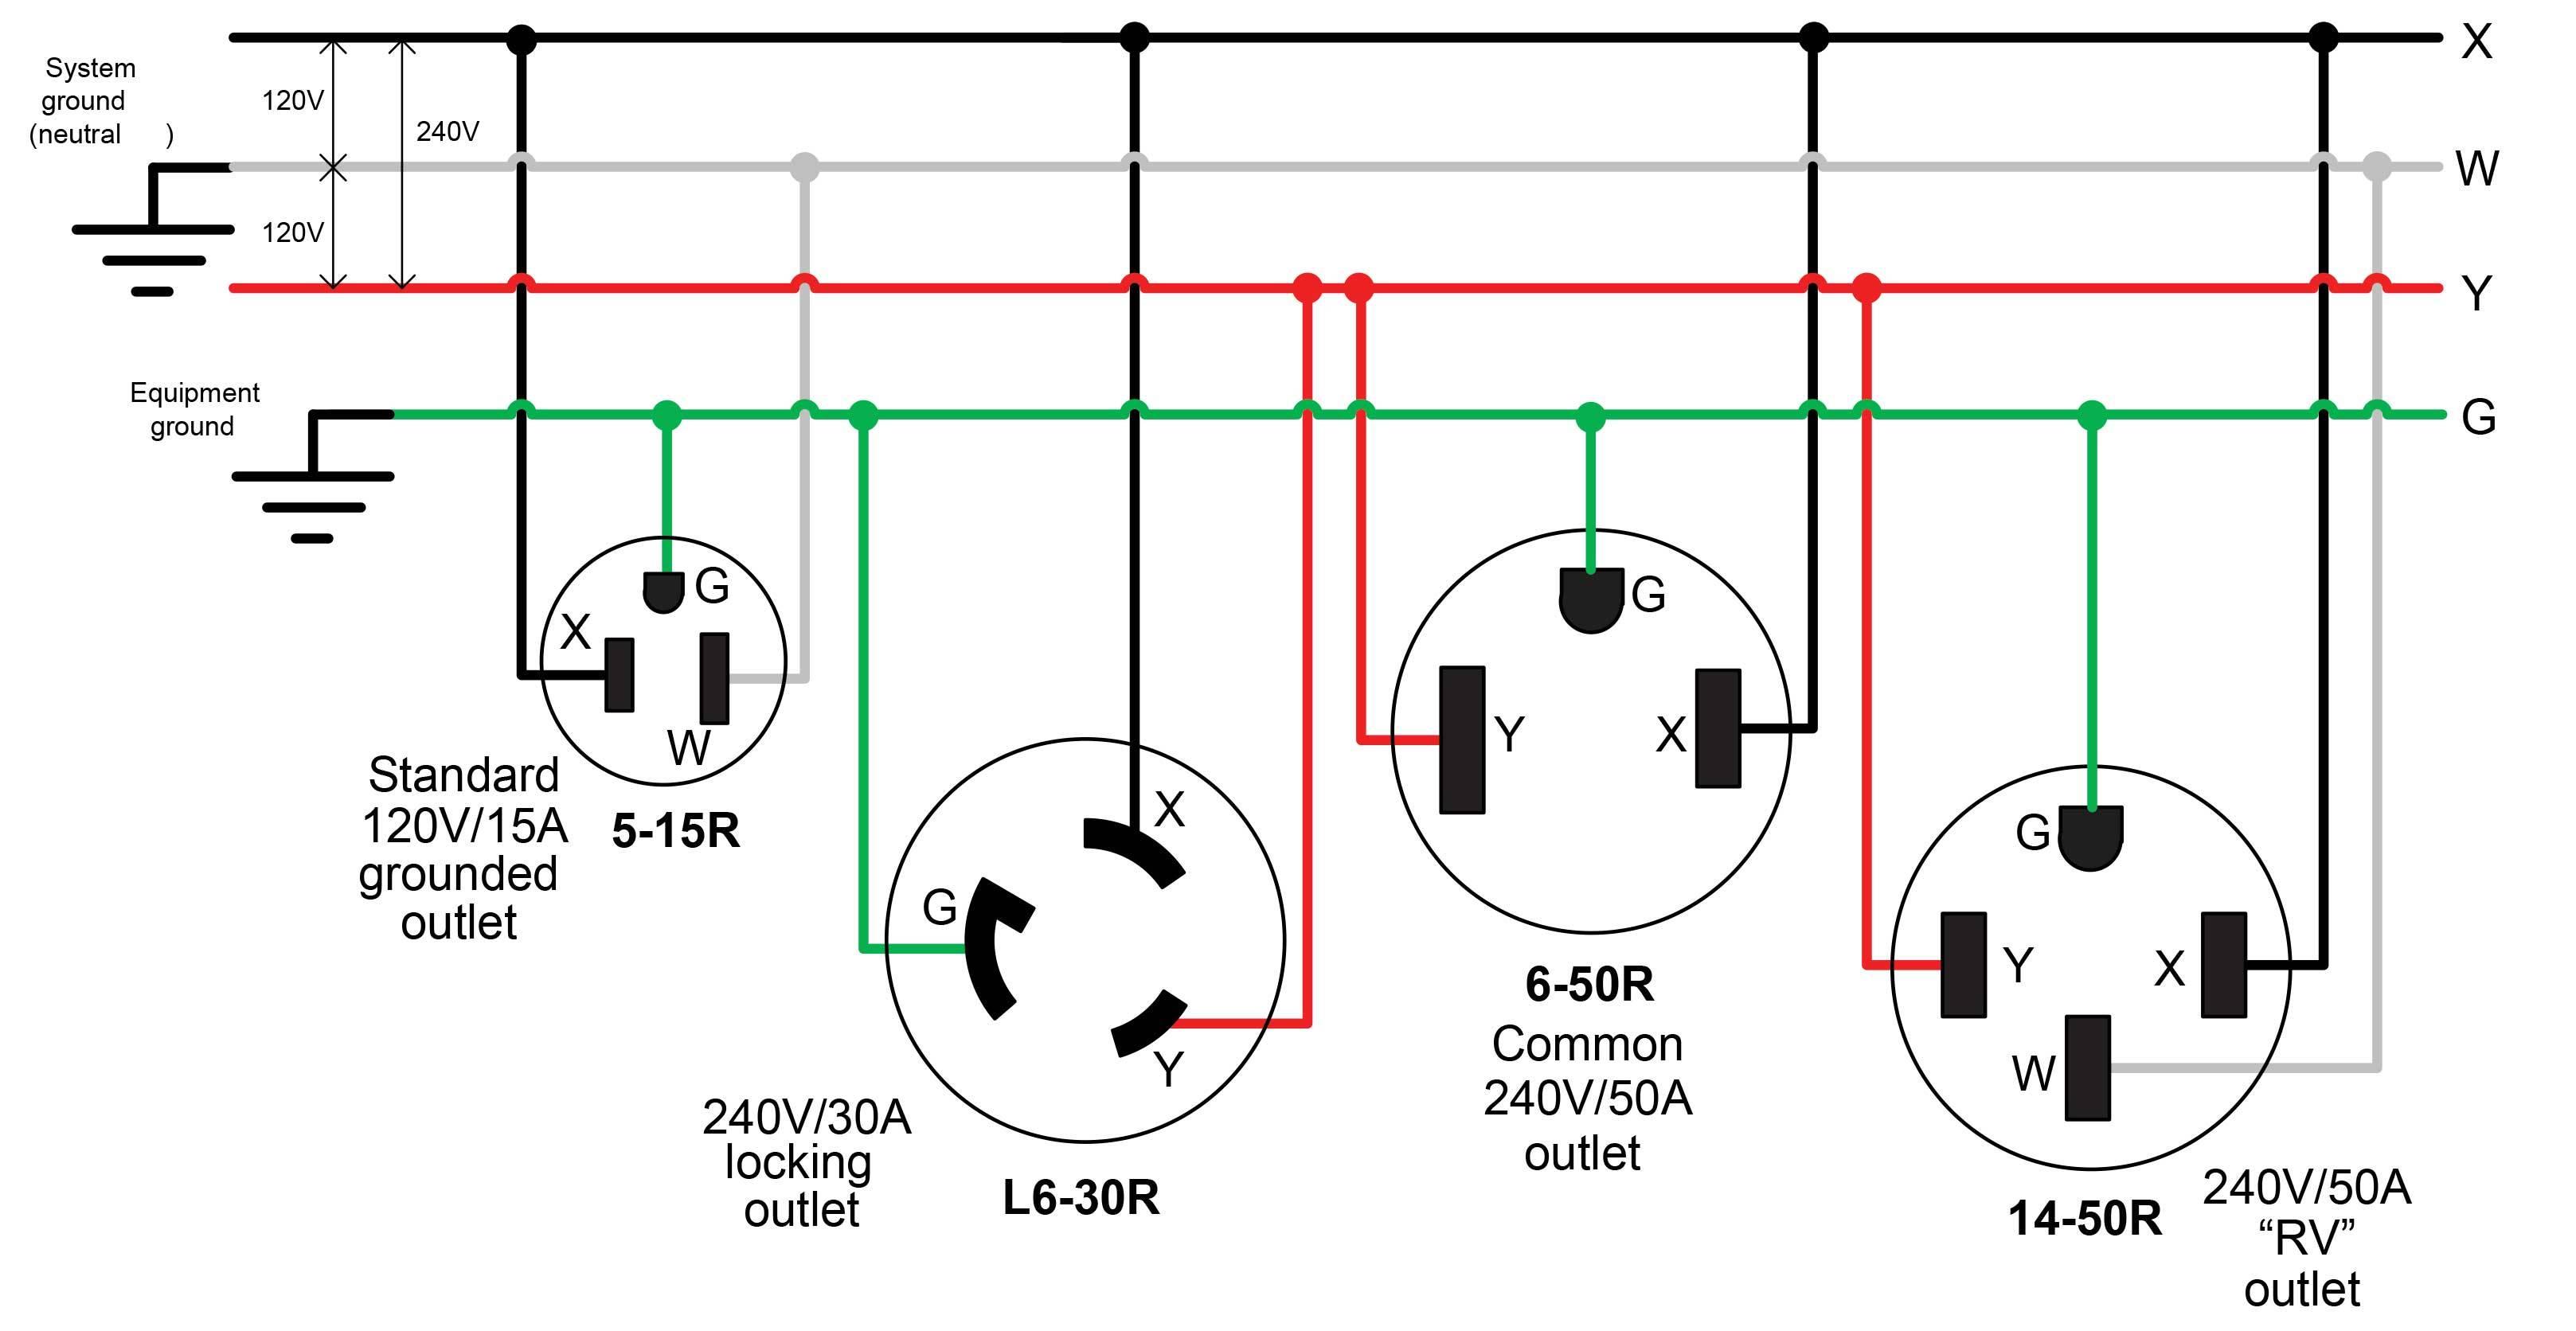 20A 250V Plug Wiring Diagram | Manual E-Books - 20A 250V Plug Wiring Diagram